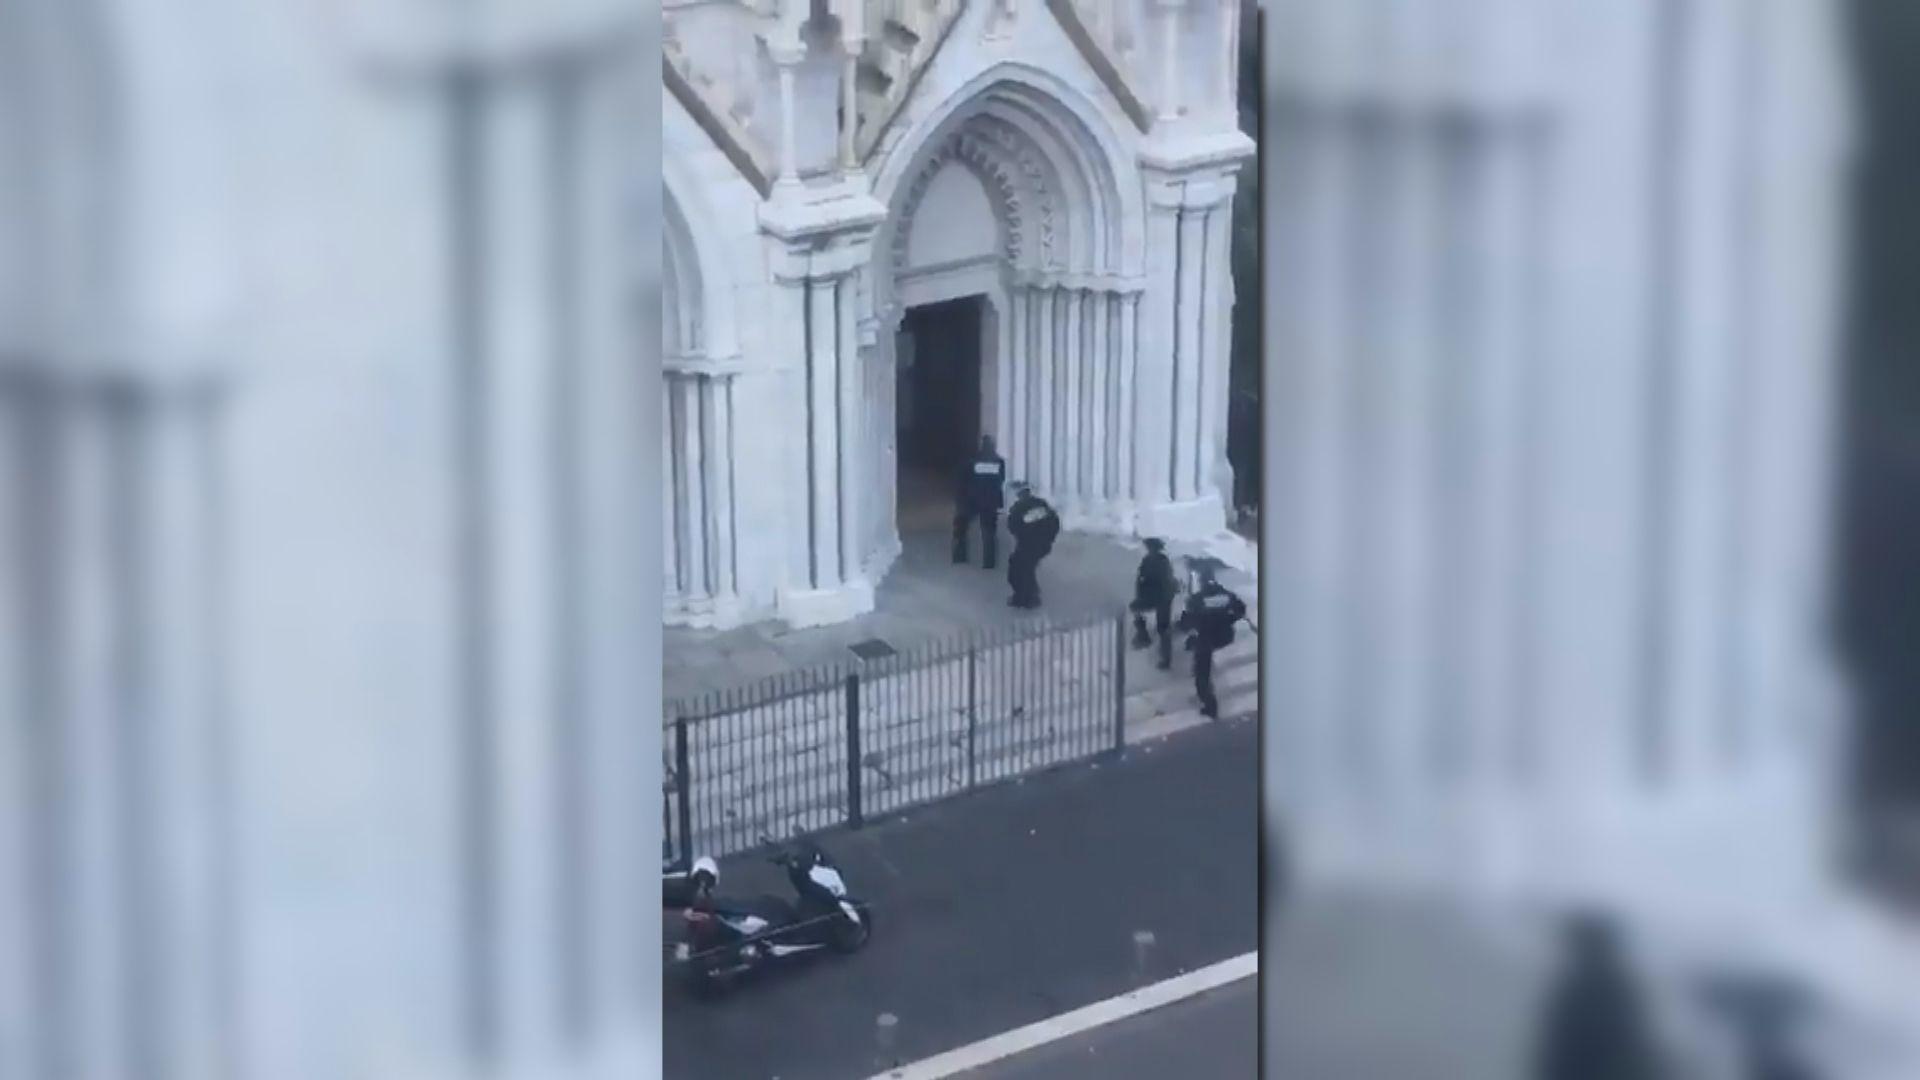 法國南部接連發生襲擊 全國提升恐襲警戒級別至最高級